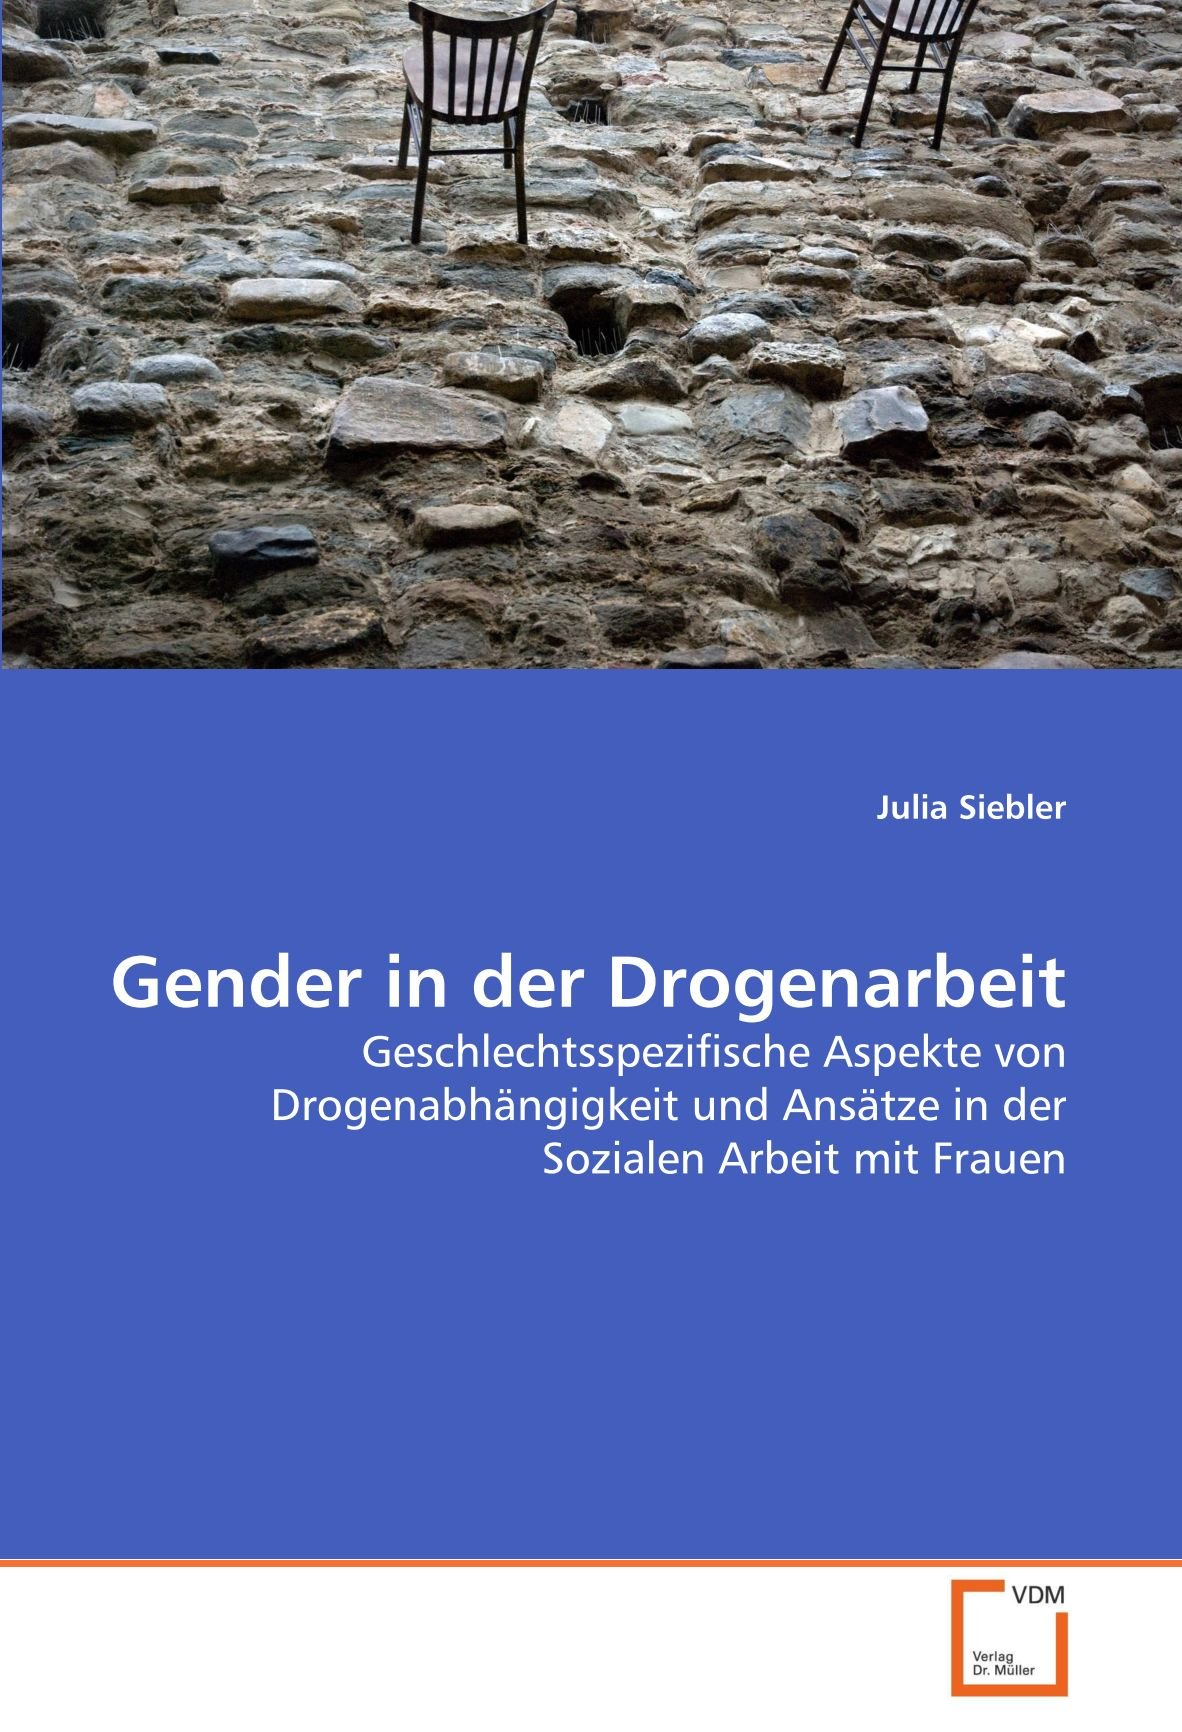 Gender in der Drogenarbeit: Geschlechtsspezifische Aspekte von Drogenabhängigkeit und Ansätze in der Sozialen Arbeit mit Frauen